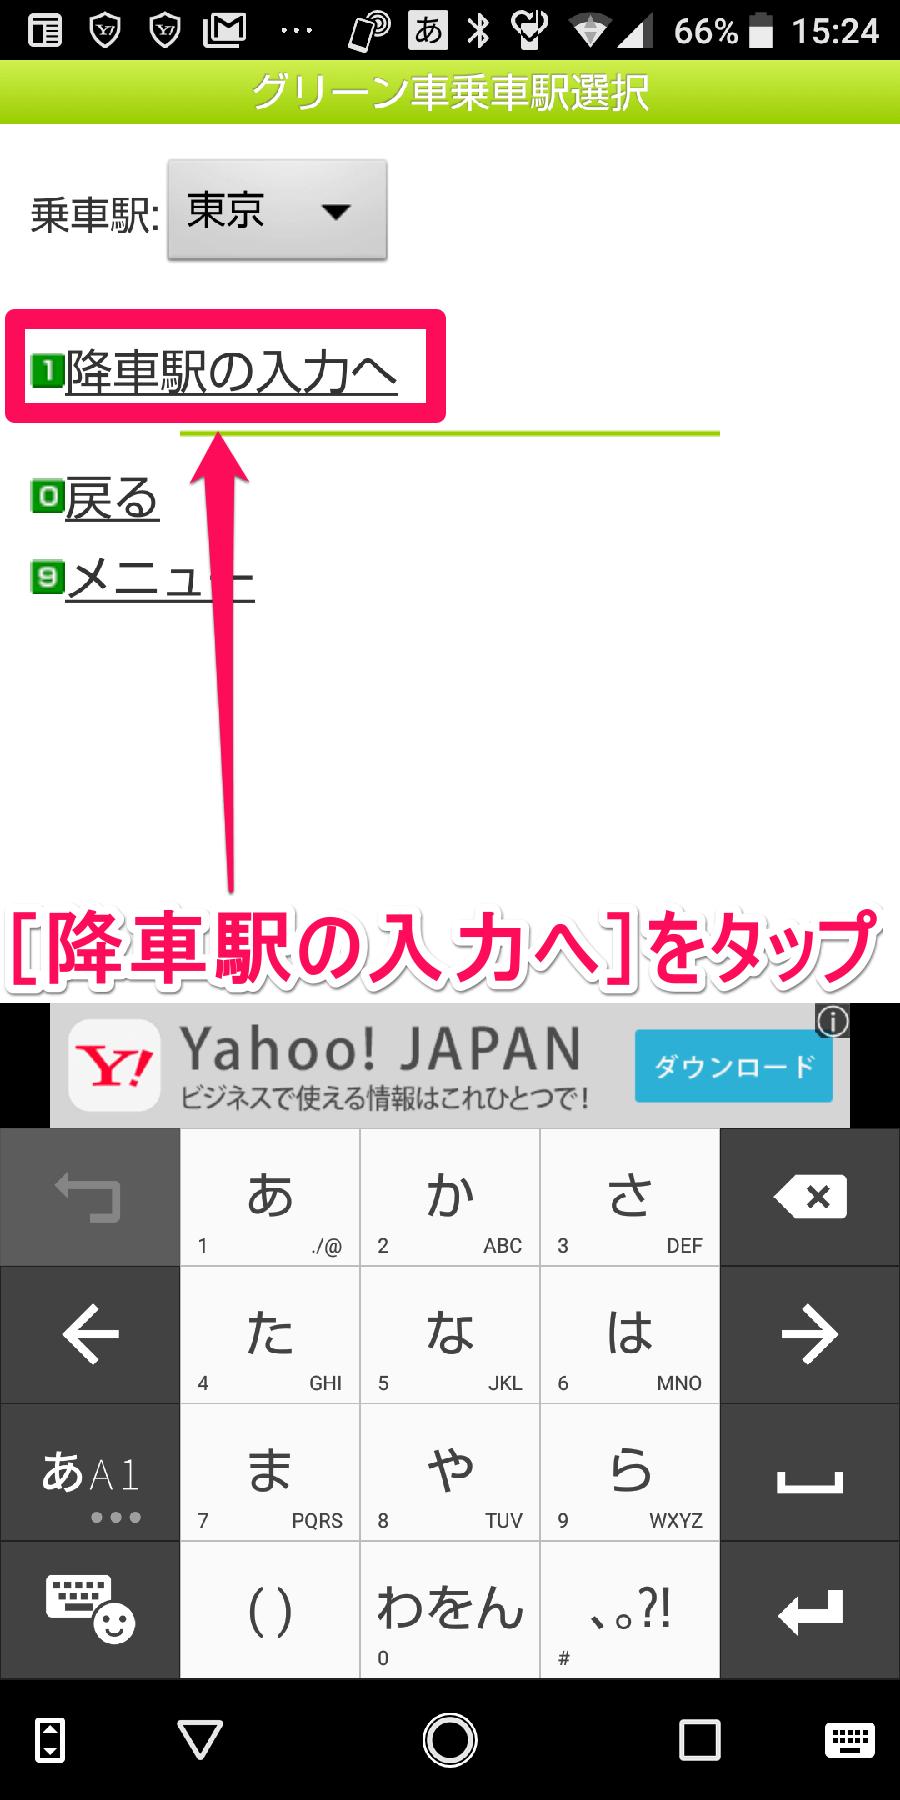 Android(アンドロイド)スマートフォン版「モバイルSuica」アプリの「グリーン車乗車駅検索」画面その2